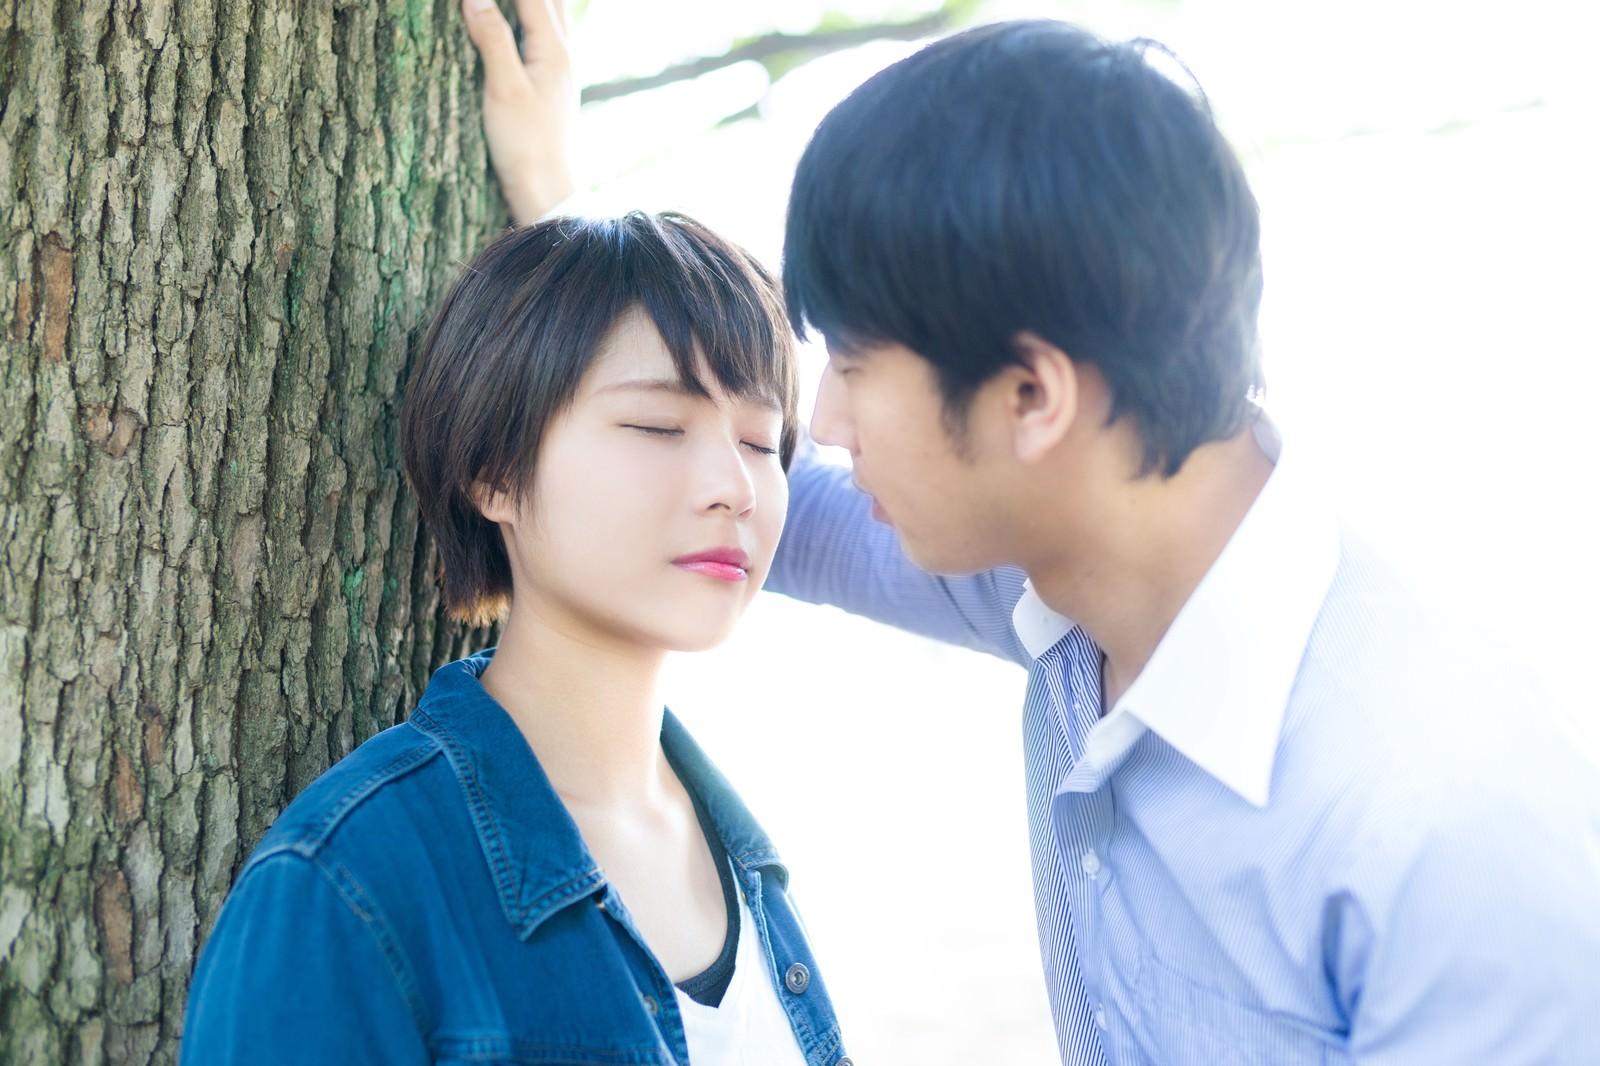 付き合う前にキスする・キスしたい心理やおすすめのやり方